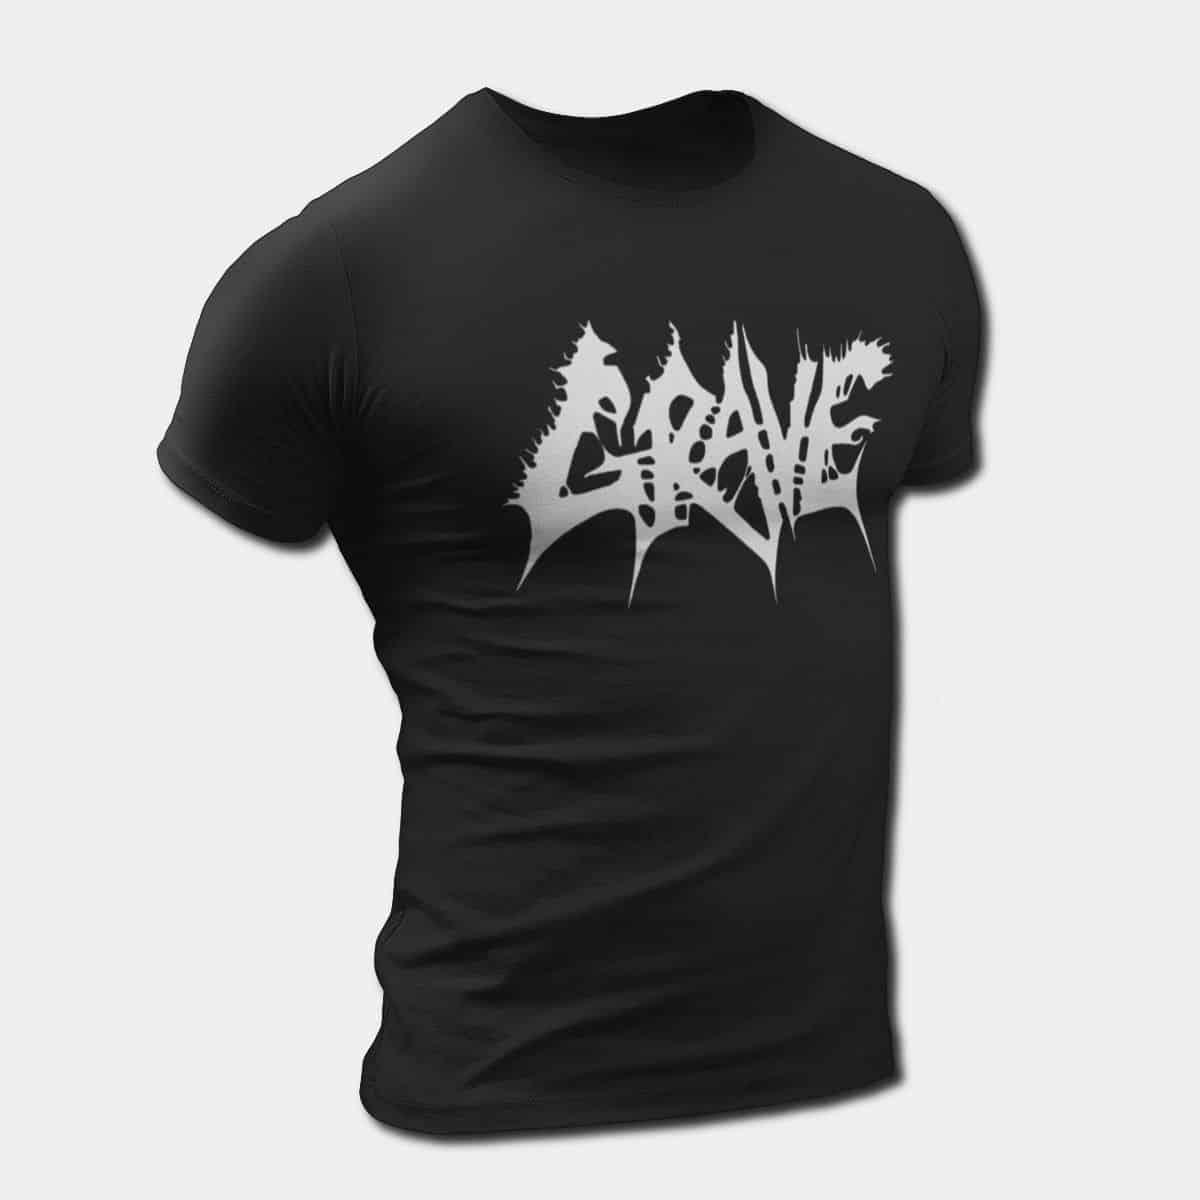 9ac028f86cbb Grave T-Shirt, Grave Logo Tee, Death Metal Merch – Metal Band T-Shirt    Metal Band Tee Shirts